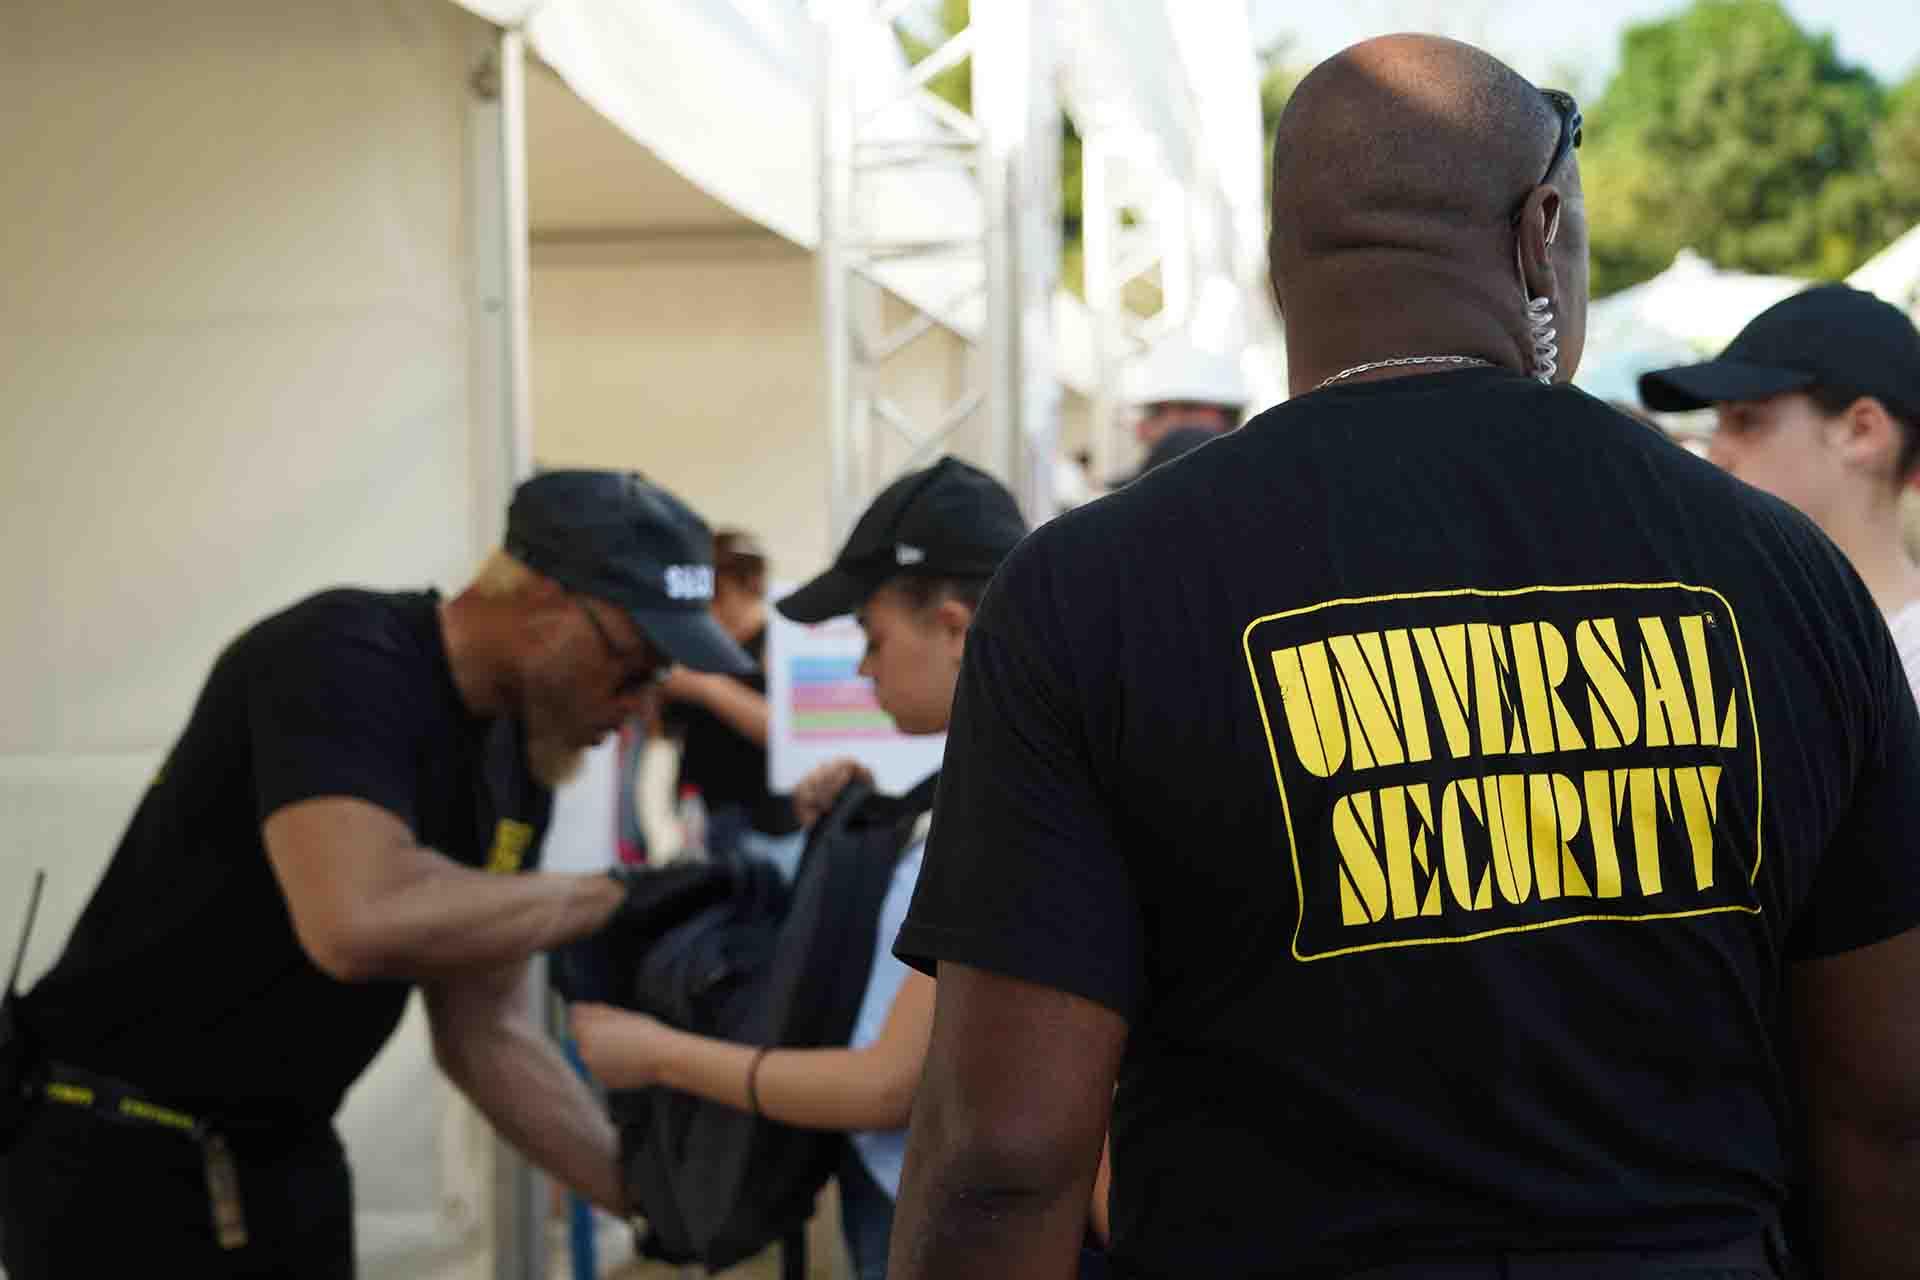 agent-service-ordre-fouille-public-festival-normandie